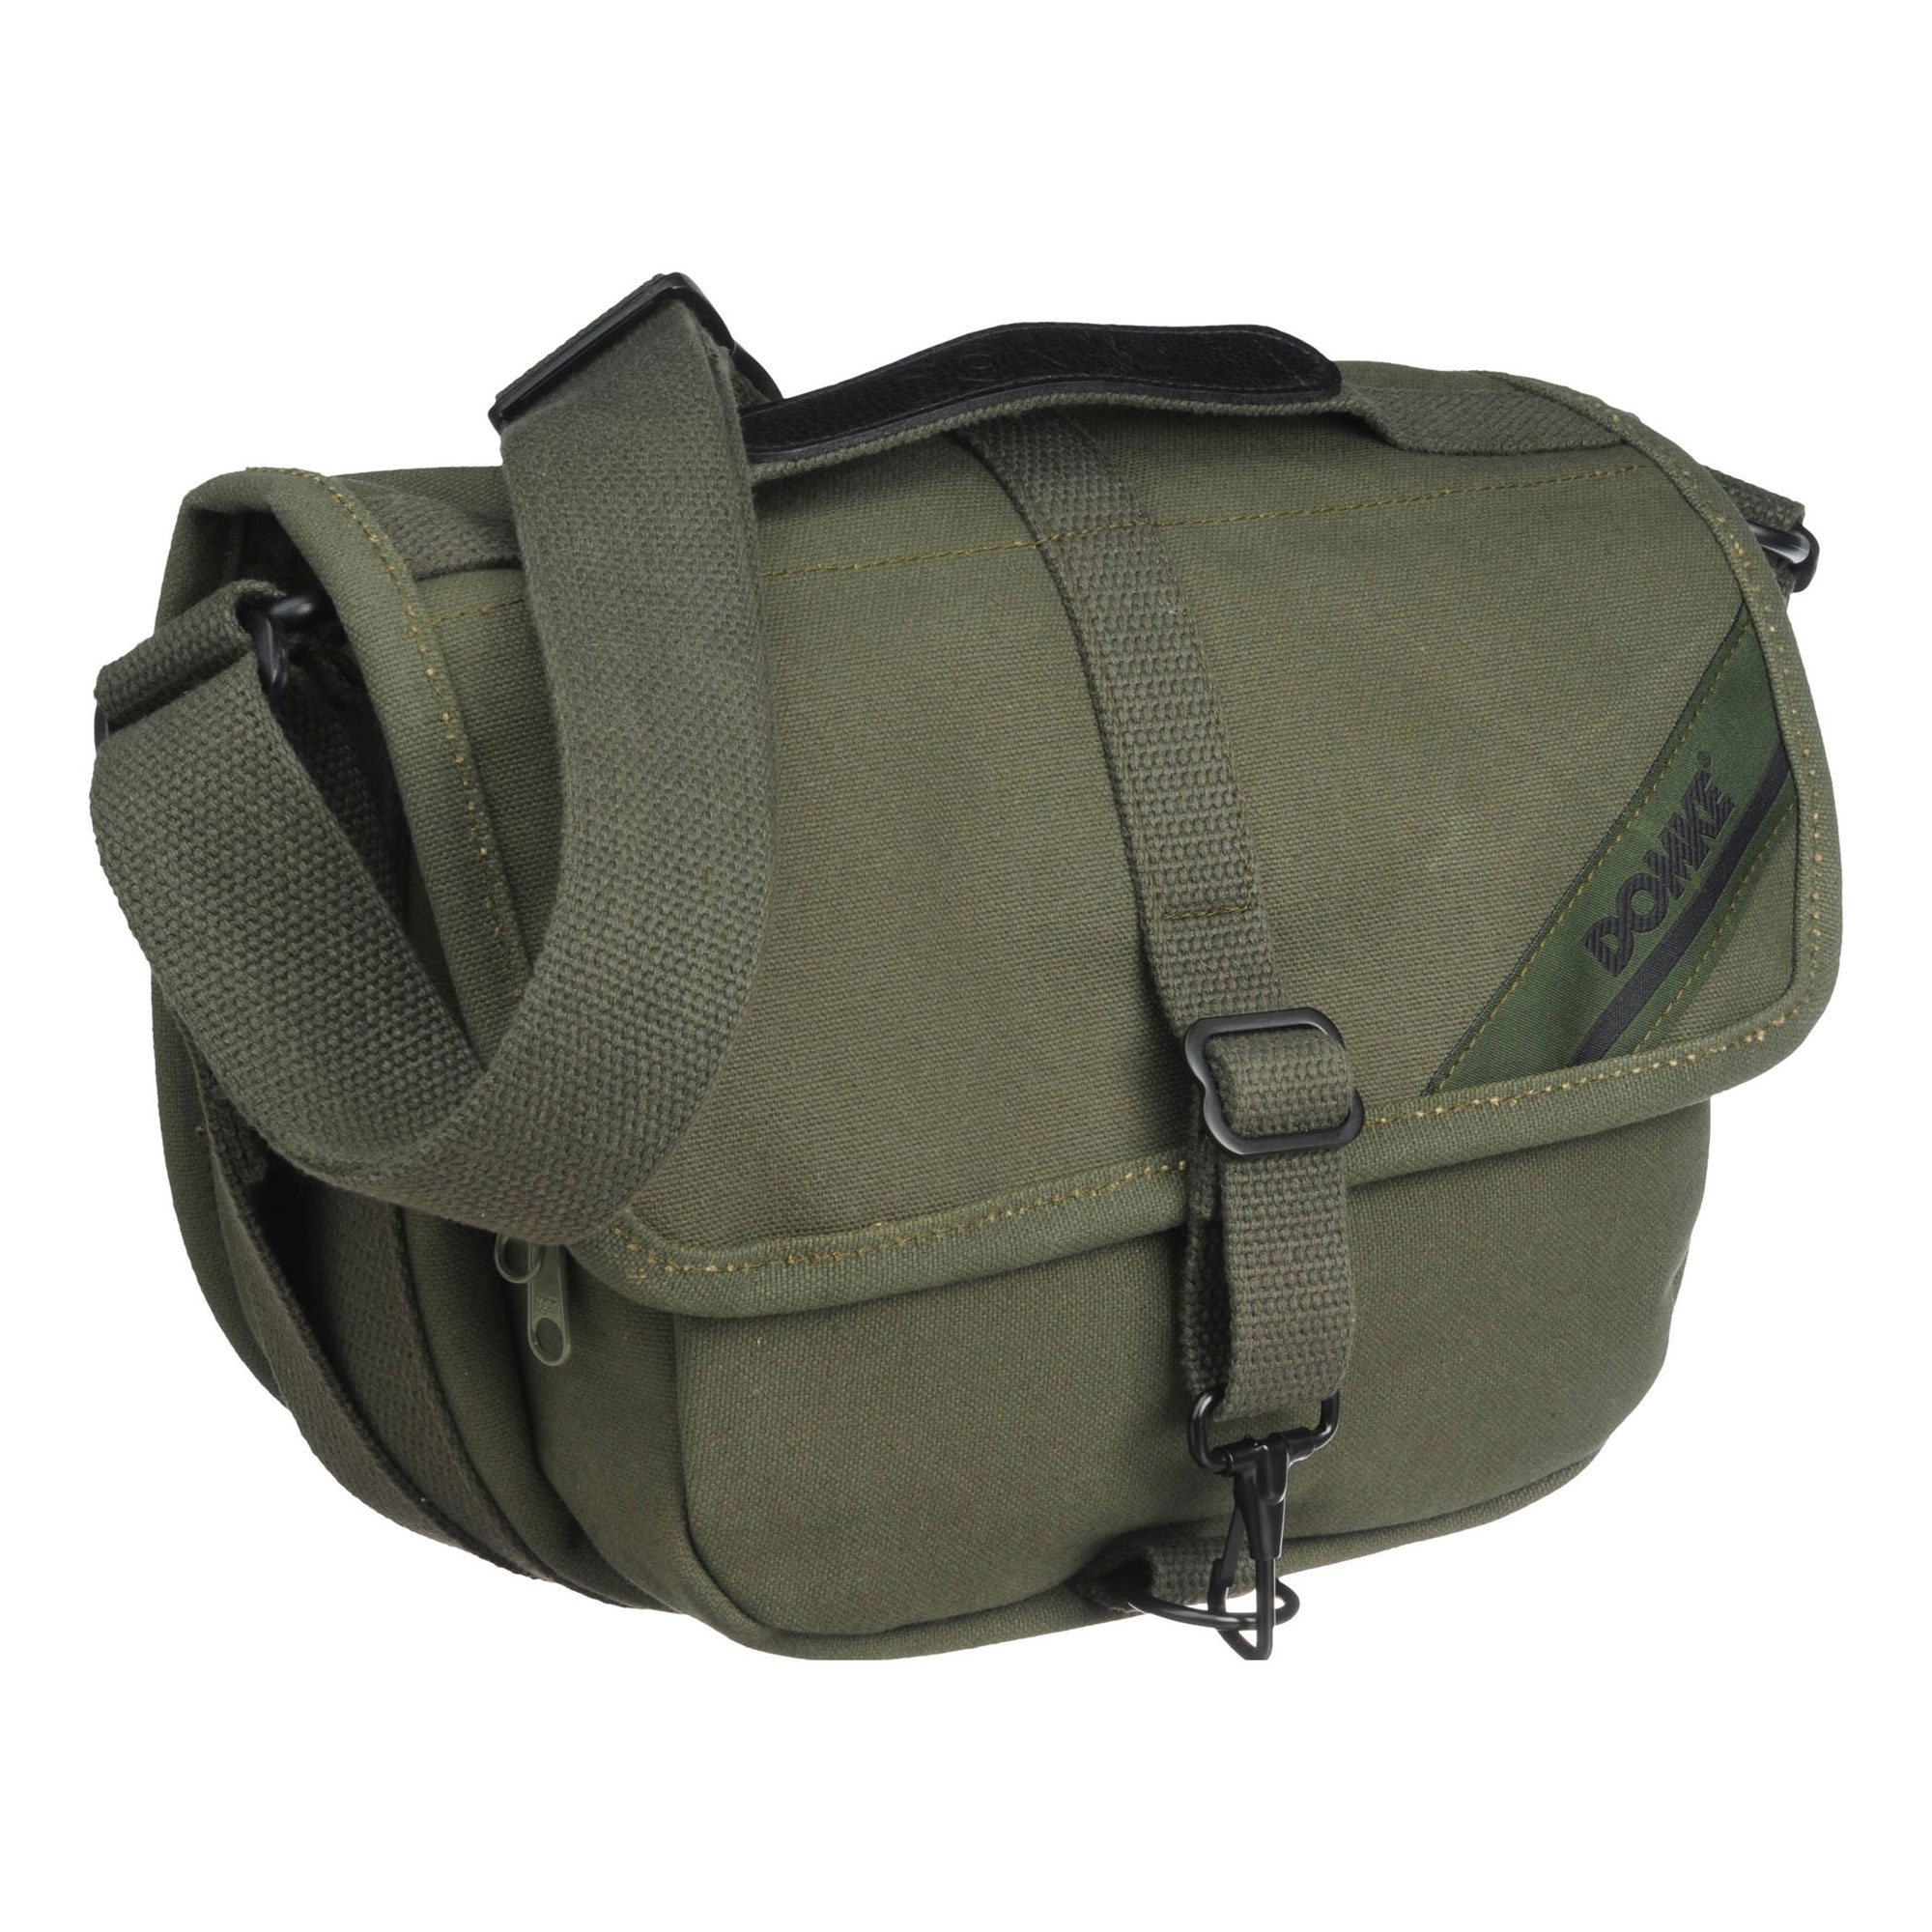 Image of Domke F-10 JD Medium Shoulder Bag (Olive)